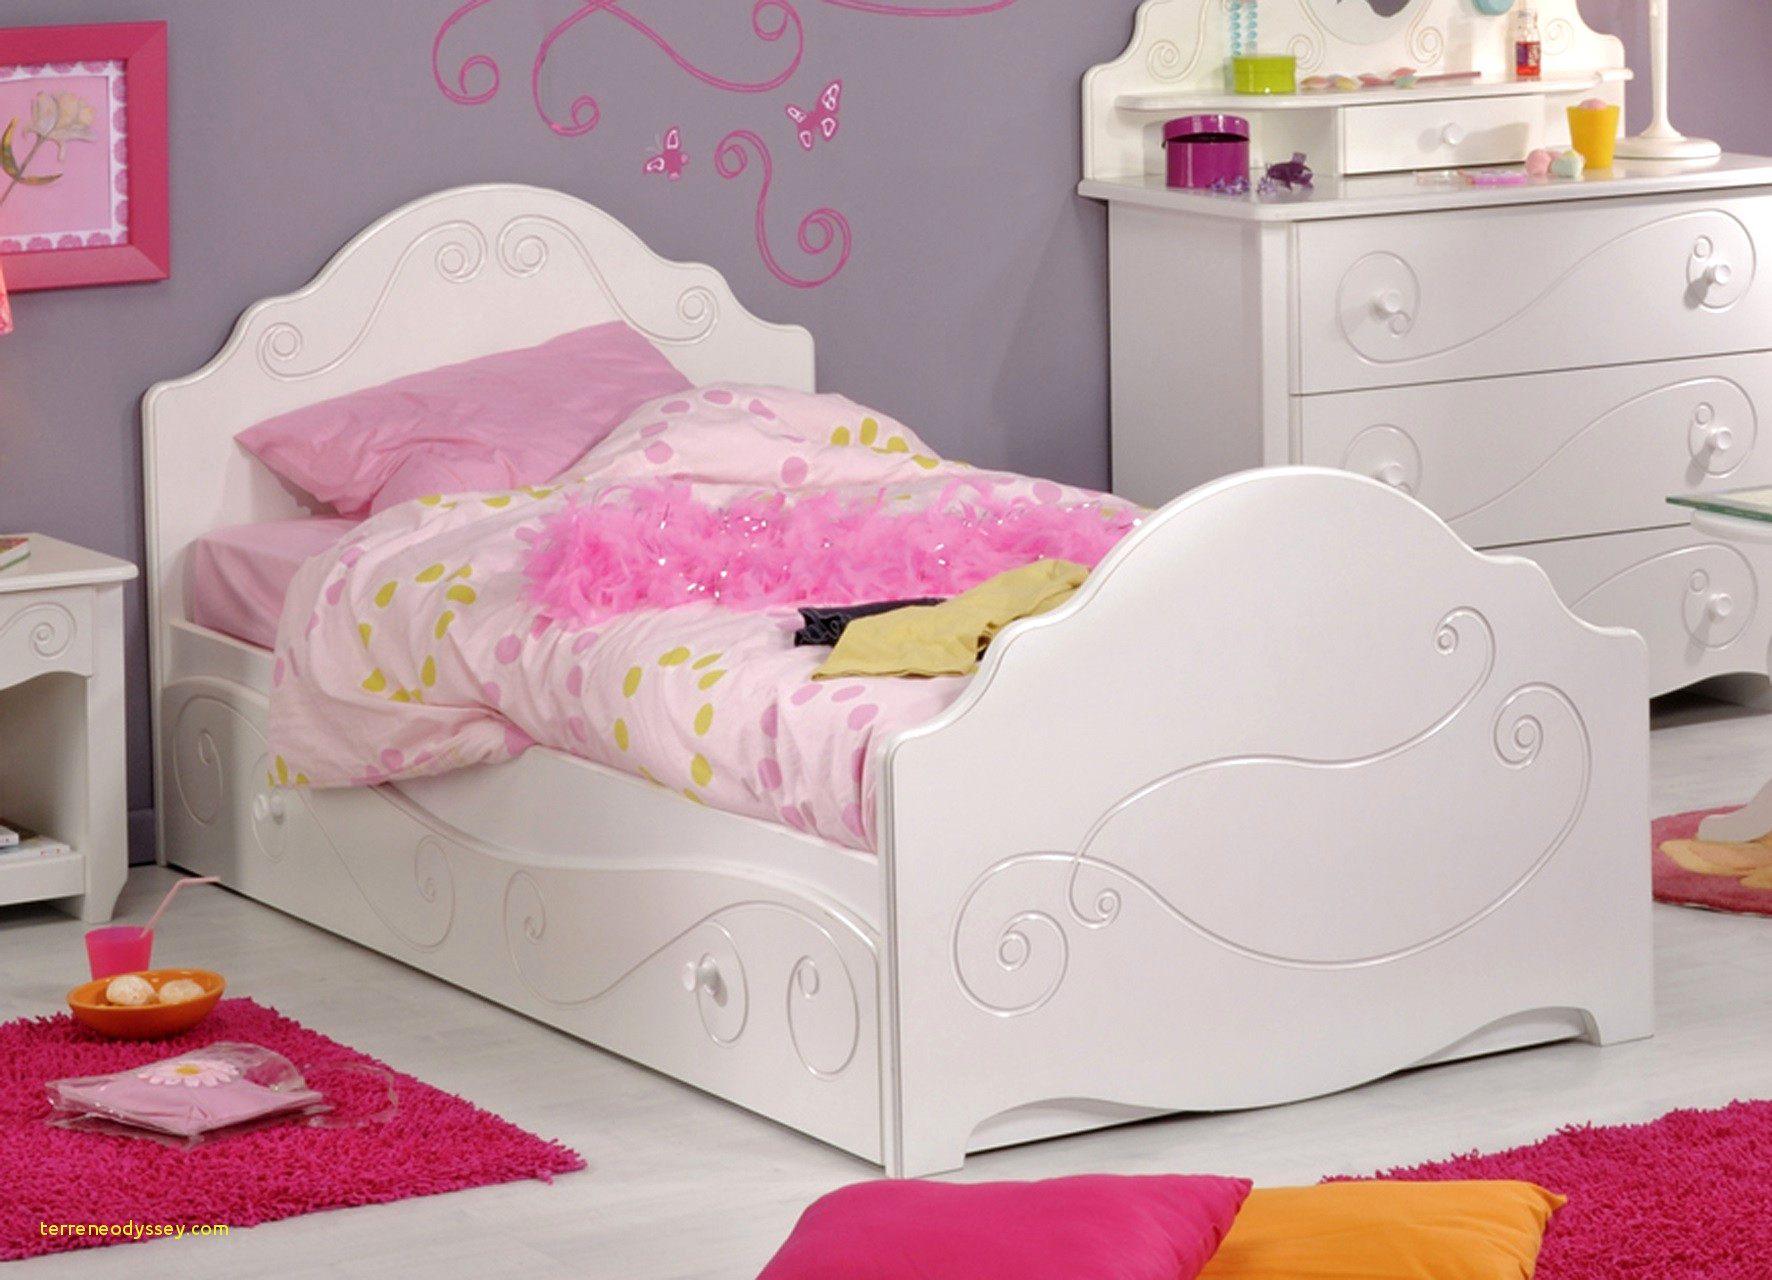 Lit Bebe Voiture Agréable Résultat Supérieur Lit Enfant Nouveau Tete De Lit Simple Luxe Housse